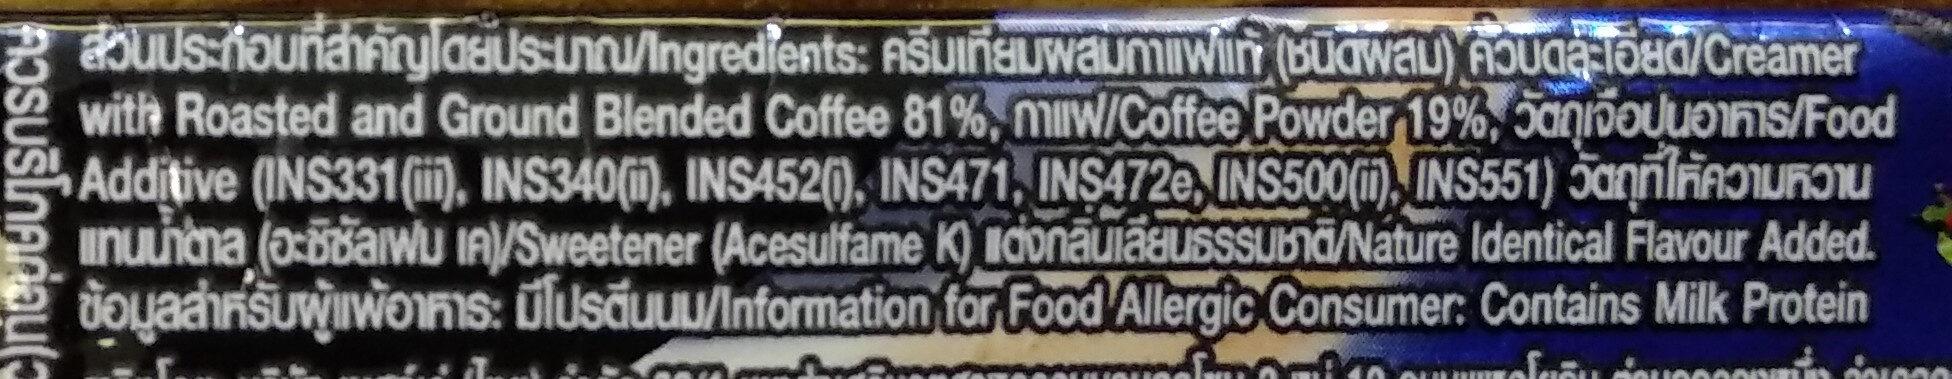 เนสกาแฟ เบลนด์ แอนด์ บลิว สูตรไม่เติมน้ำตาล - Ingredients